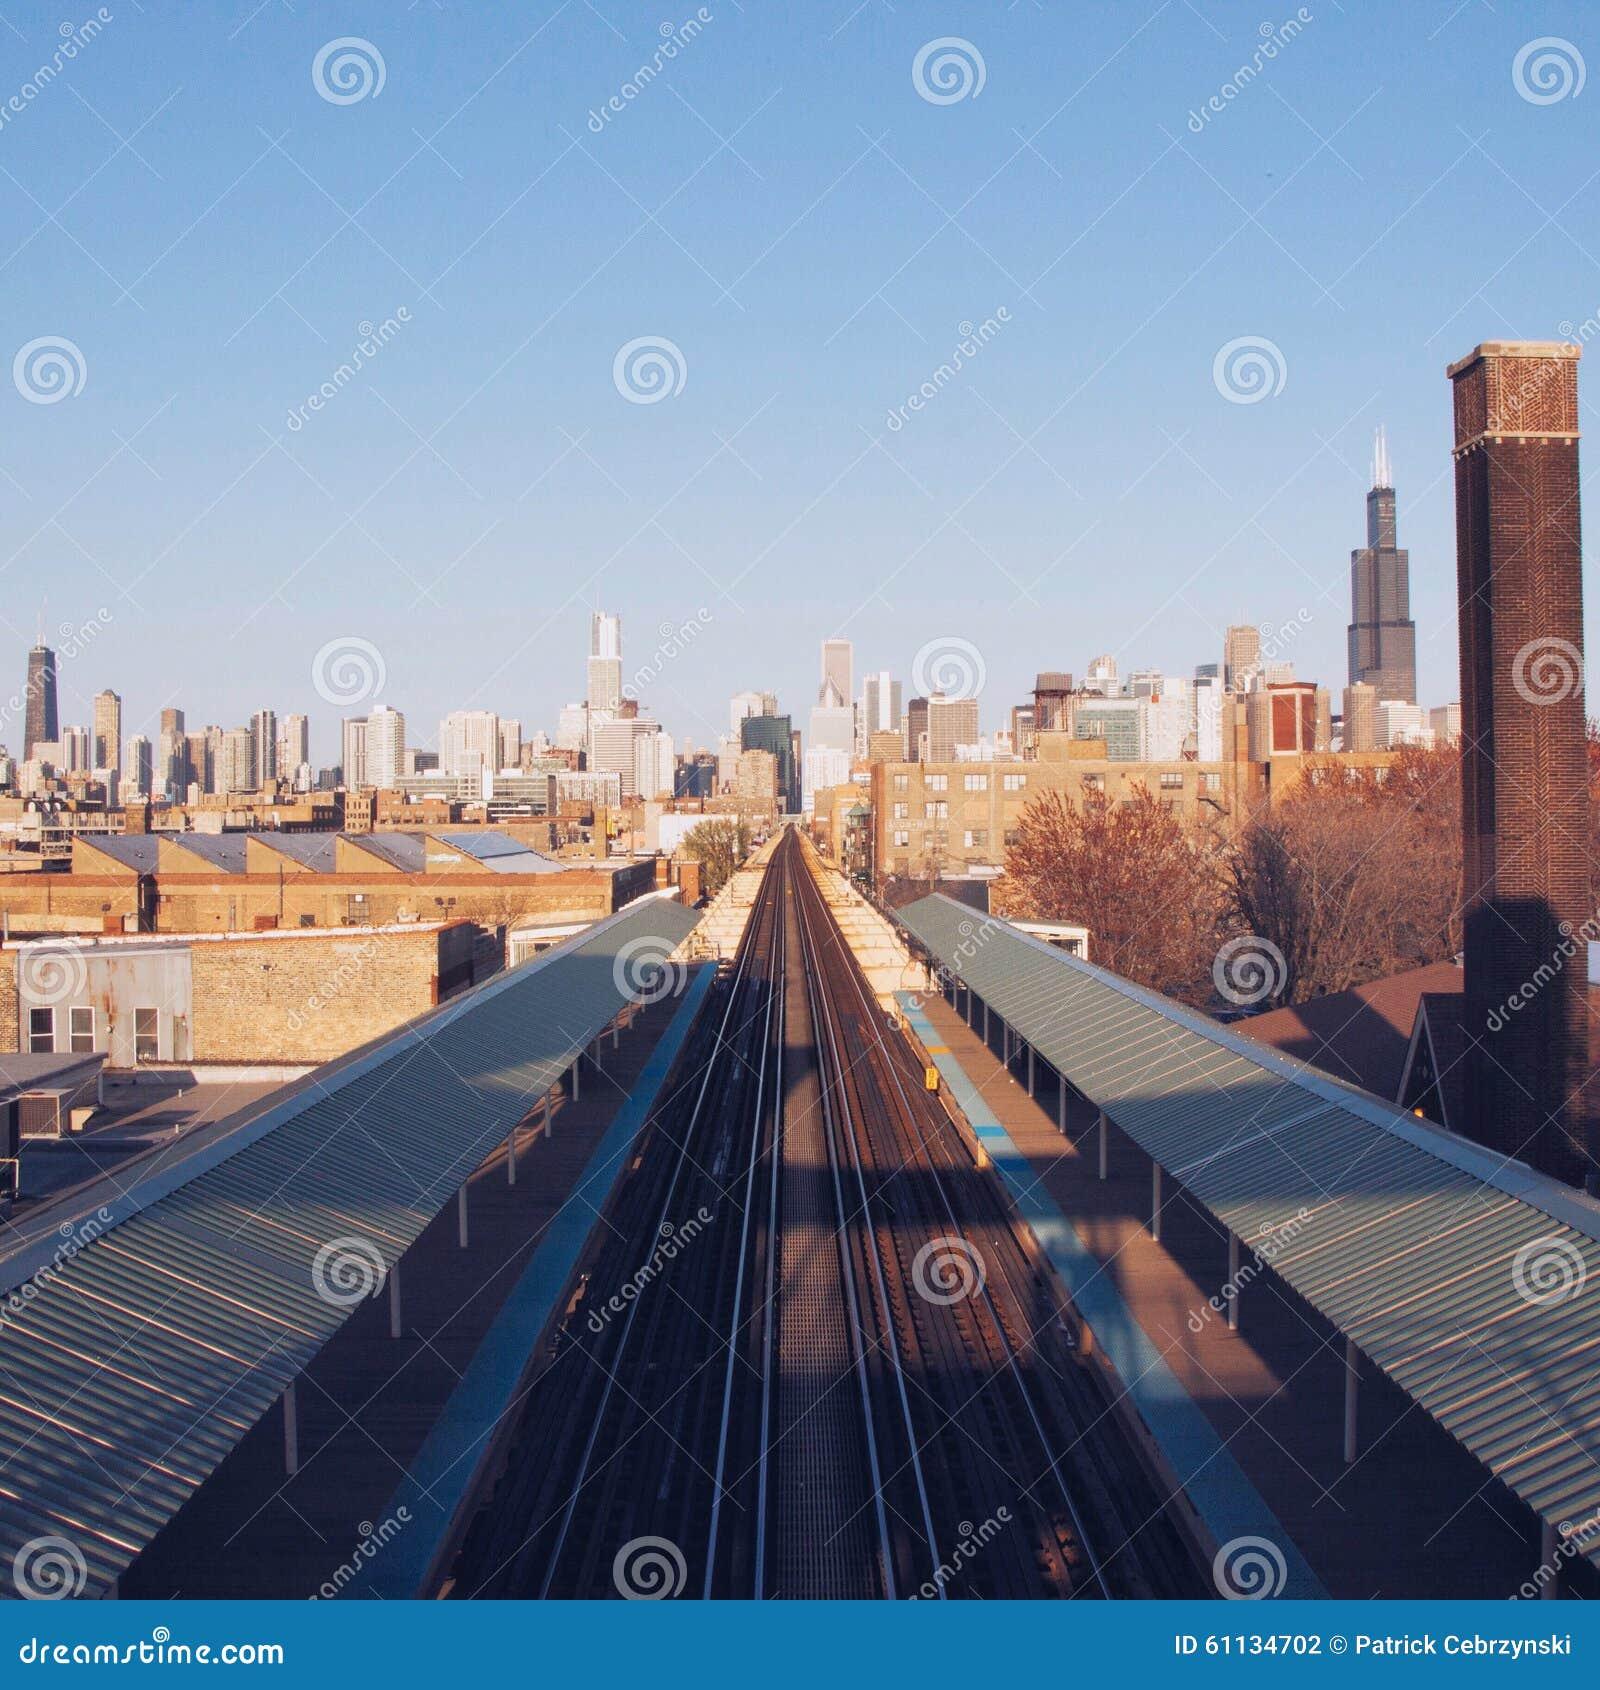 Voies de train dans la ville